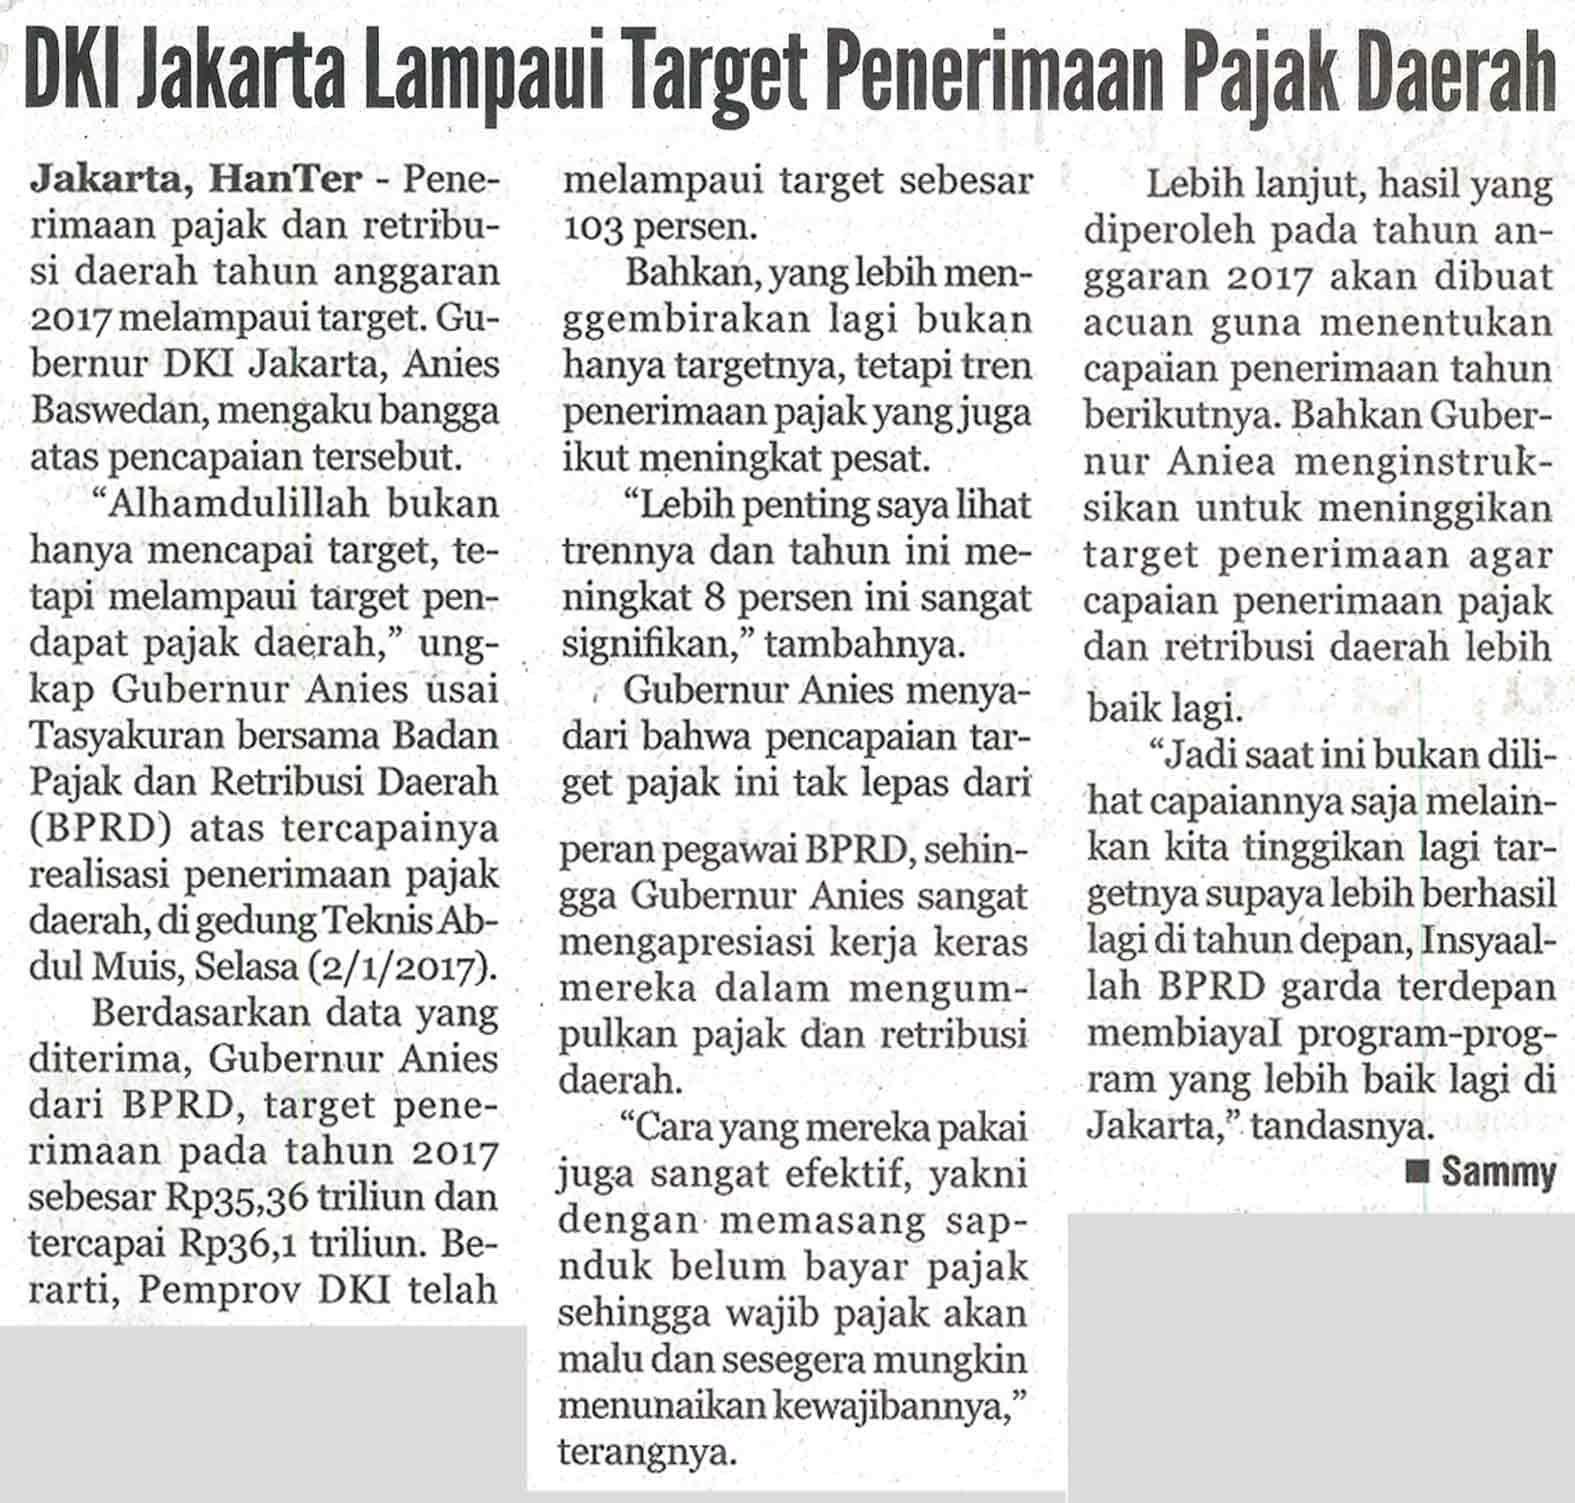 Dki Jakarta Lampaui Target Penerimaan Pajak Daerah Ekonomi Badan Pajak Dan Retribusi Daerah Kamis 04 Januari 2018 Harian Terbit Hal 5b Jurnalis Sammy